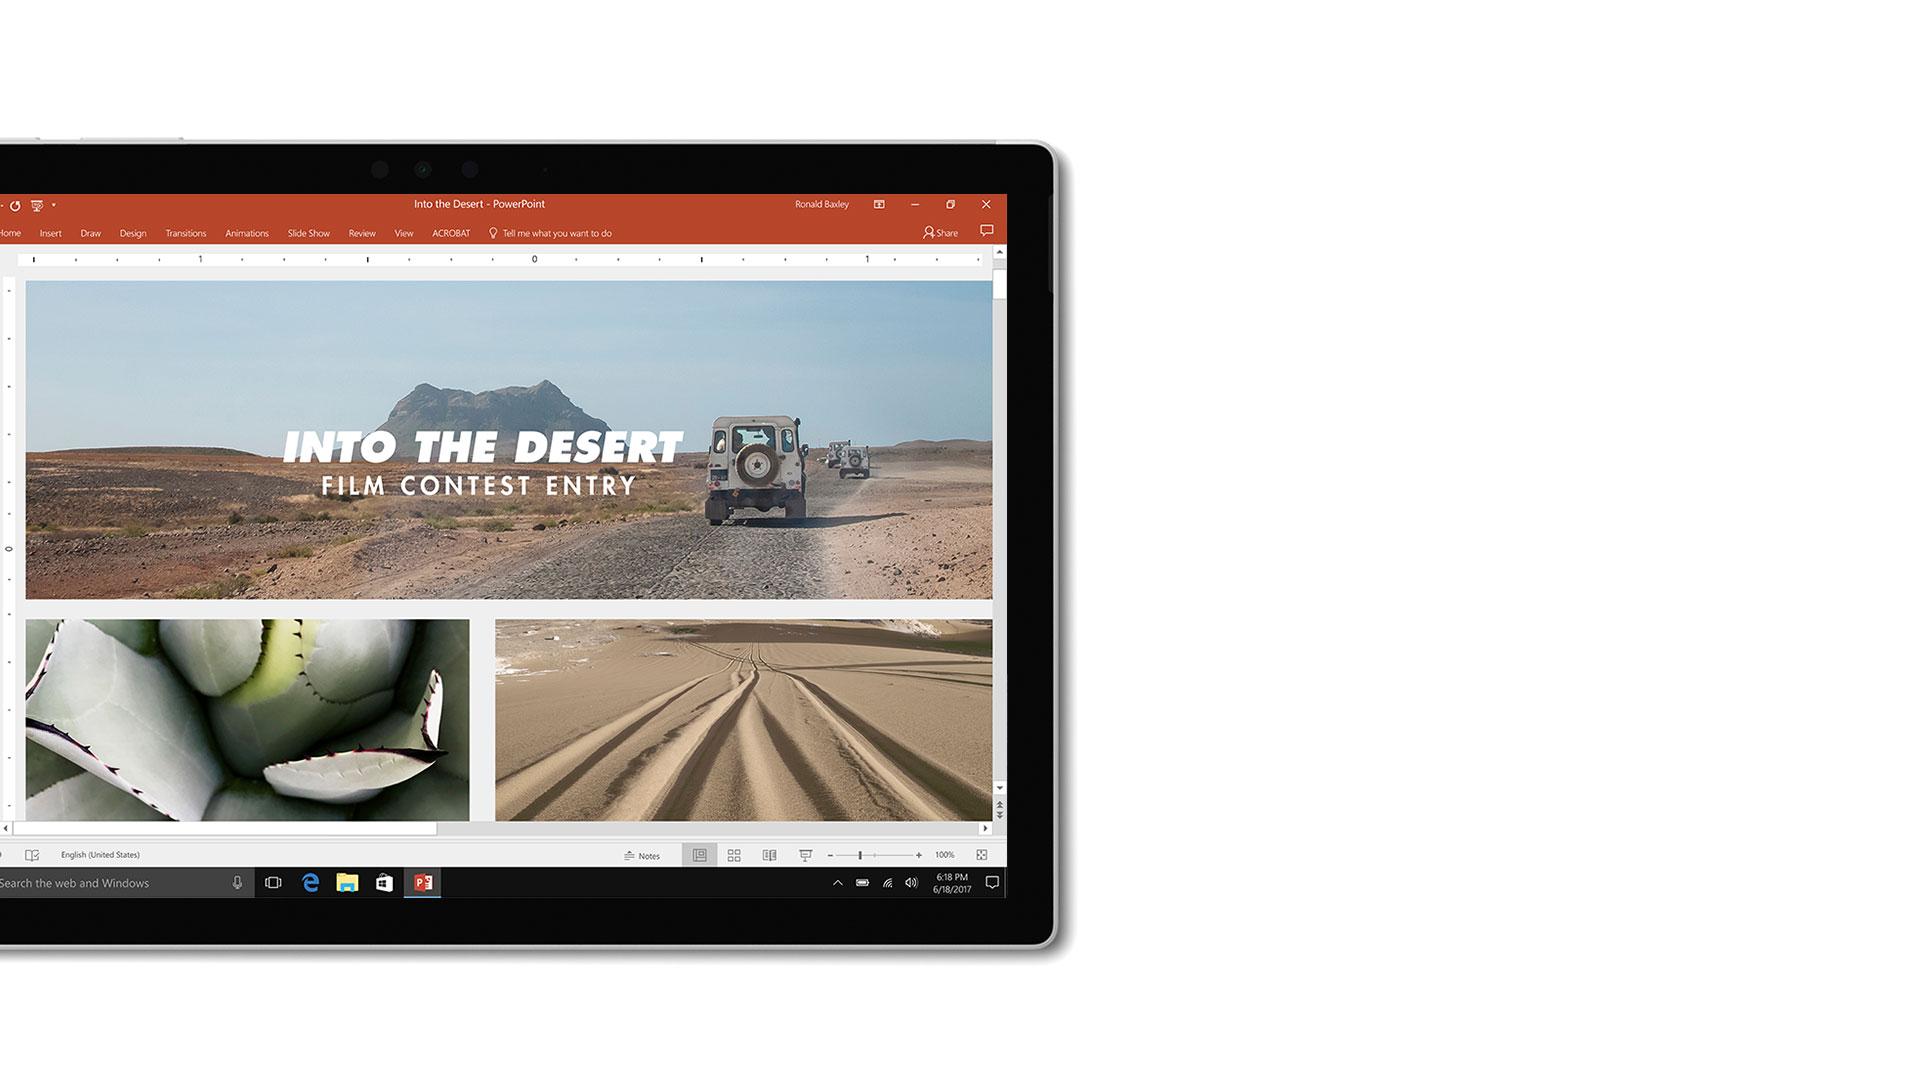 Image de l'interface utilisateur de Microsoft PowerPoint